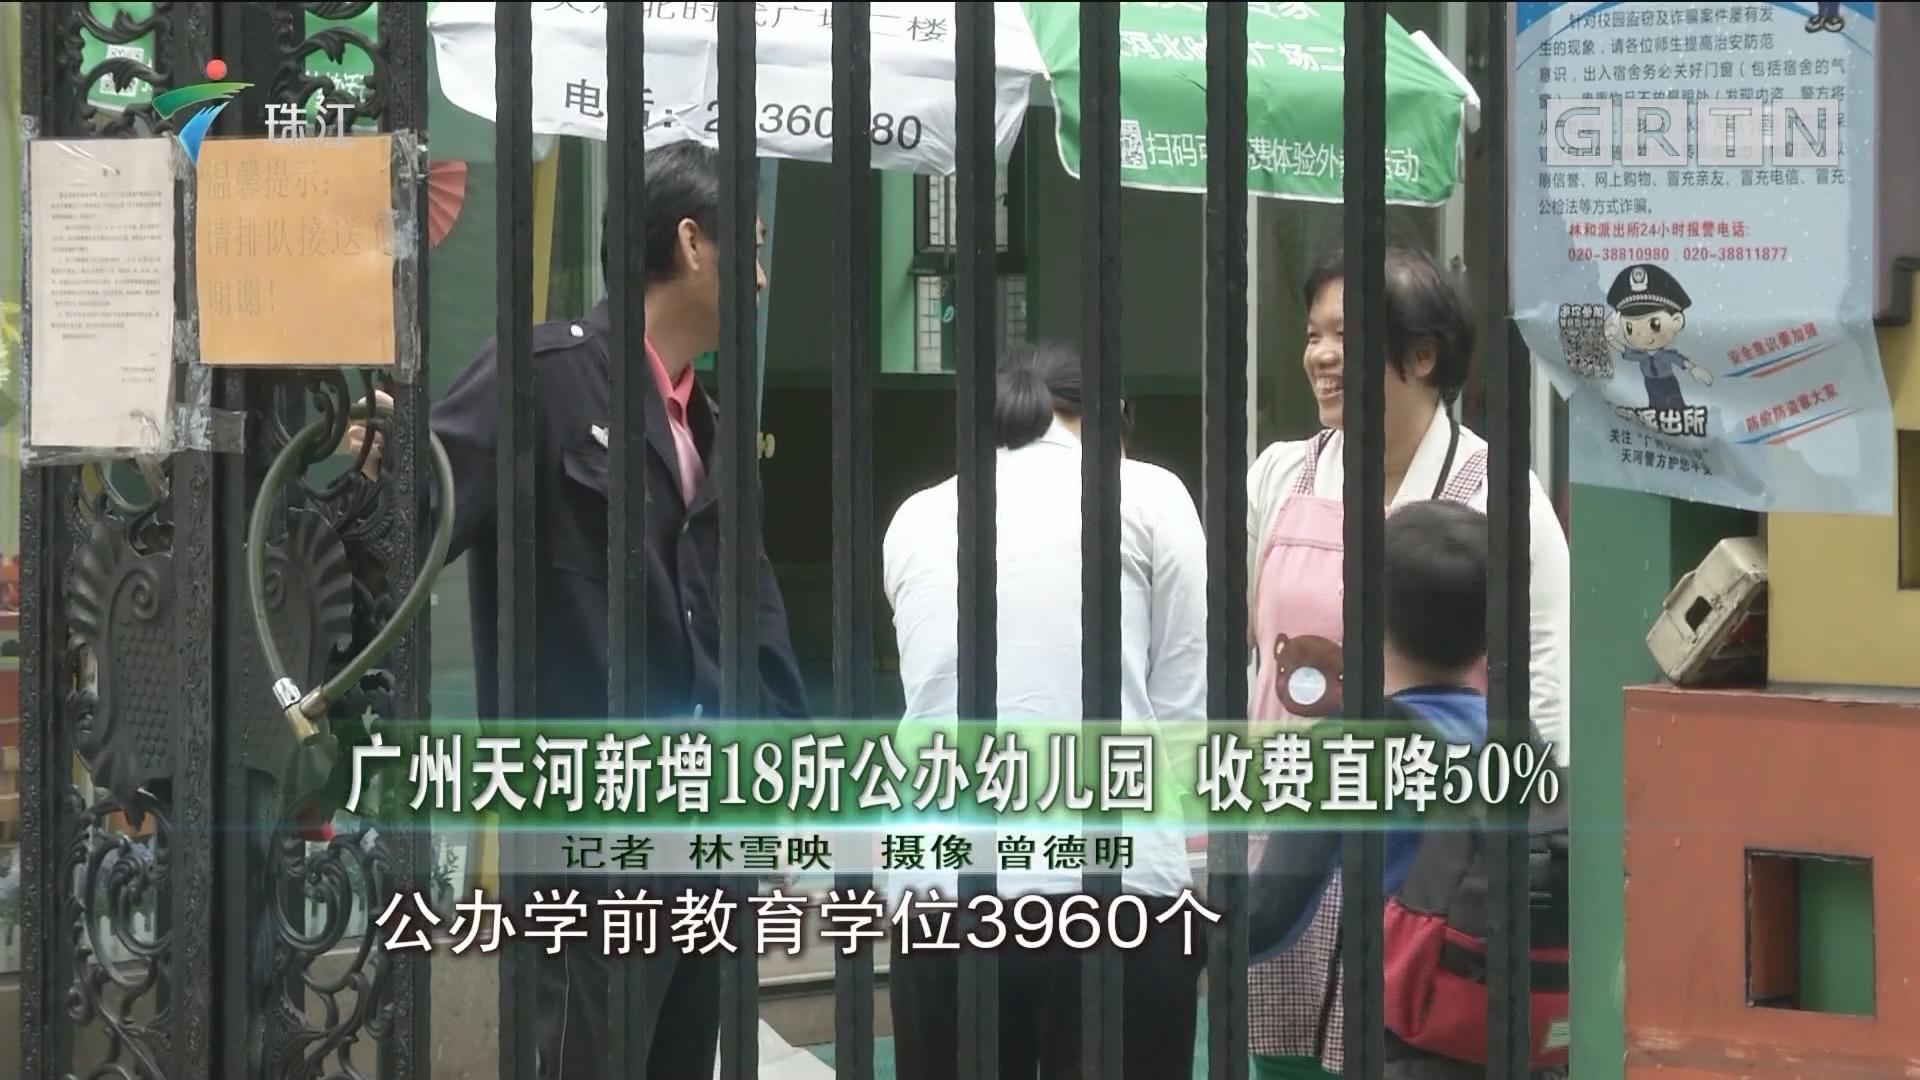 广州天河新增18所公办幼儿园 收费直降50%